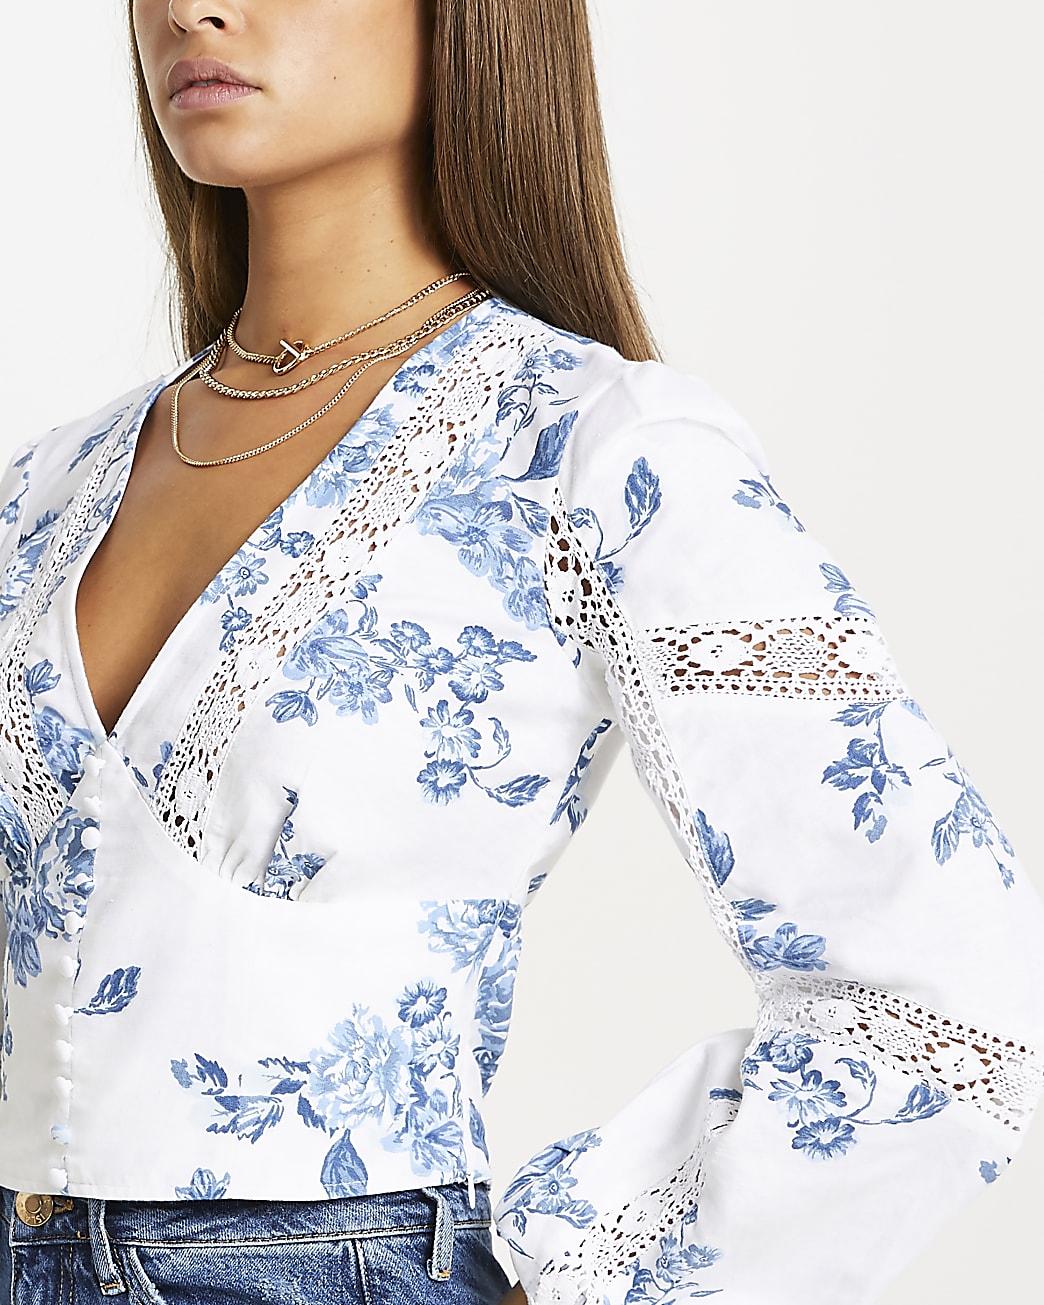 Blue floral lace trim corset top